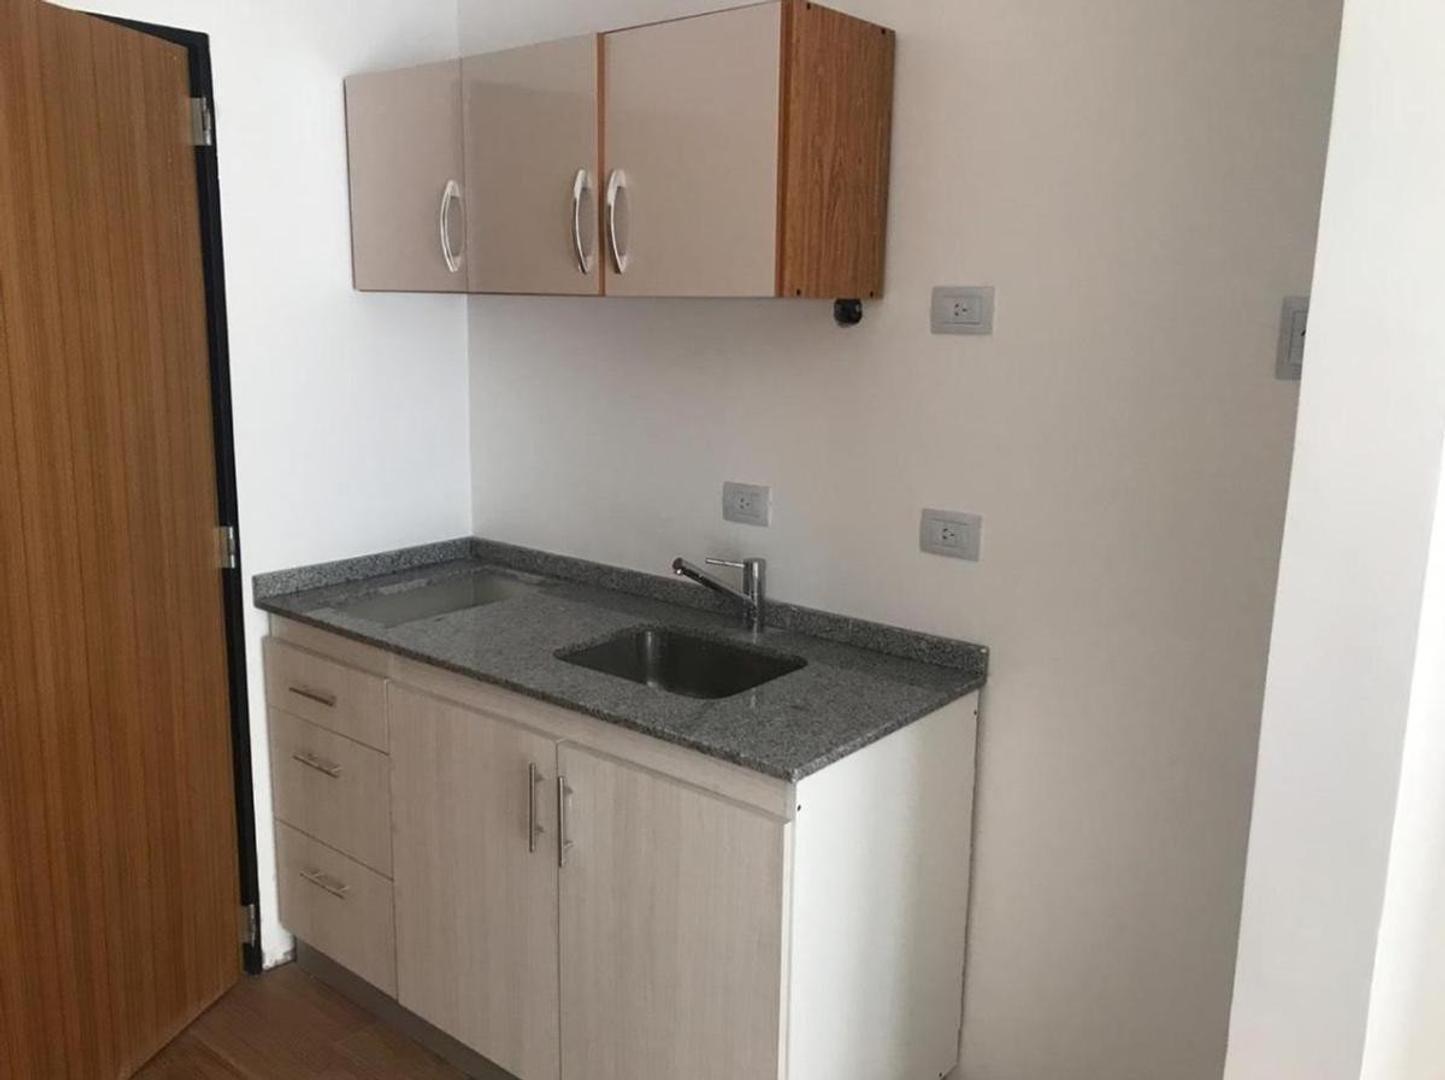 Departamento - 35 m² | 1 dormitorio | A estrenar